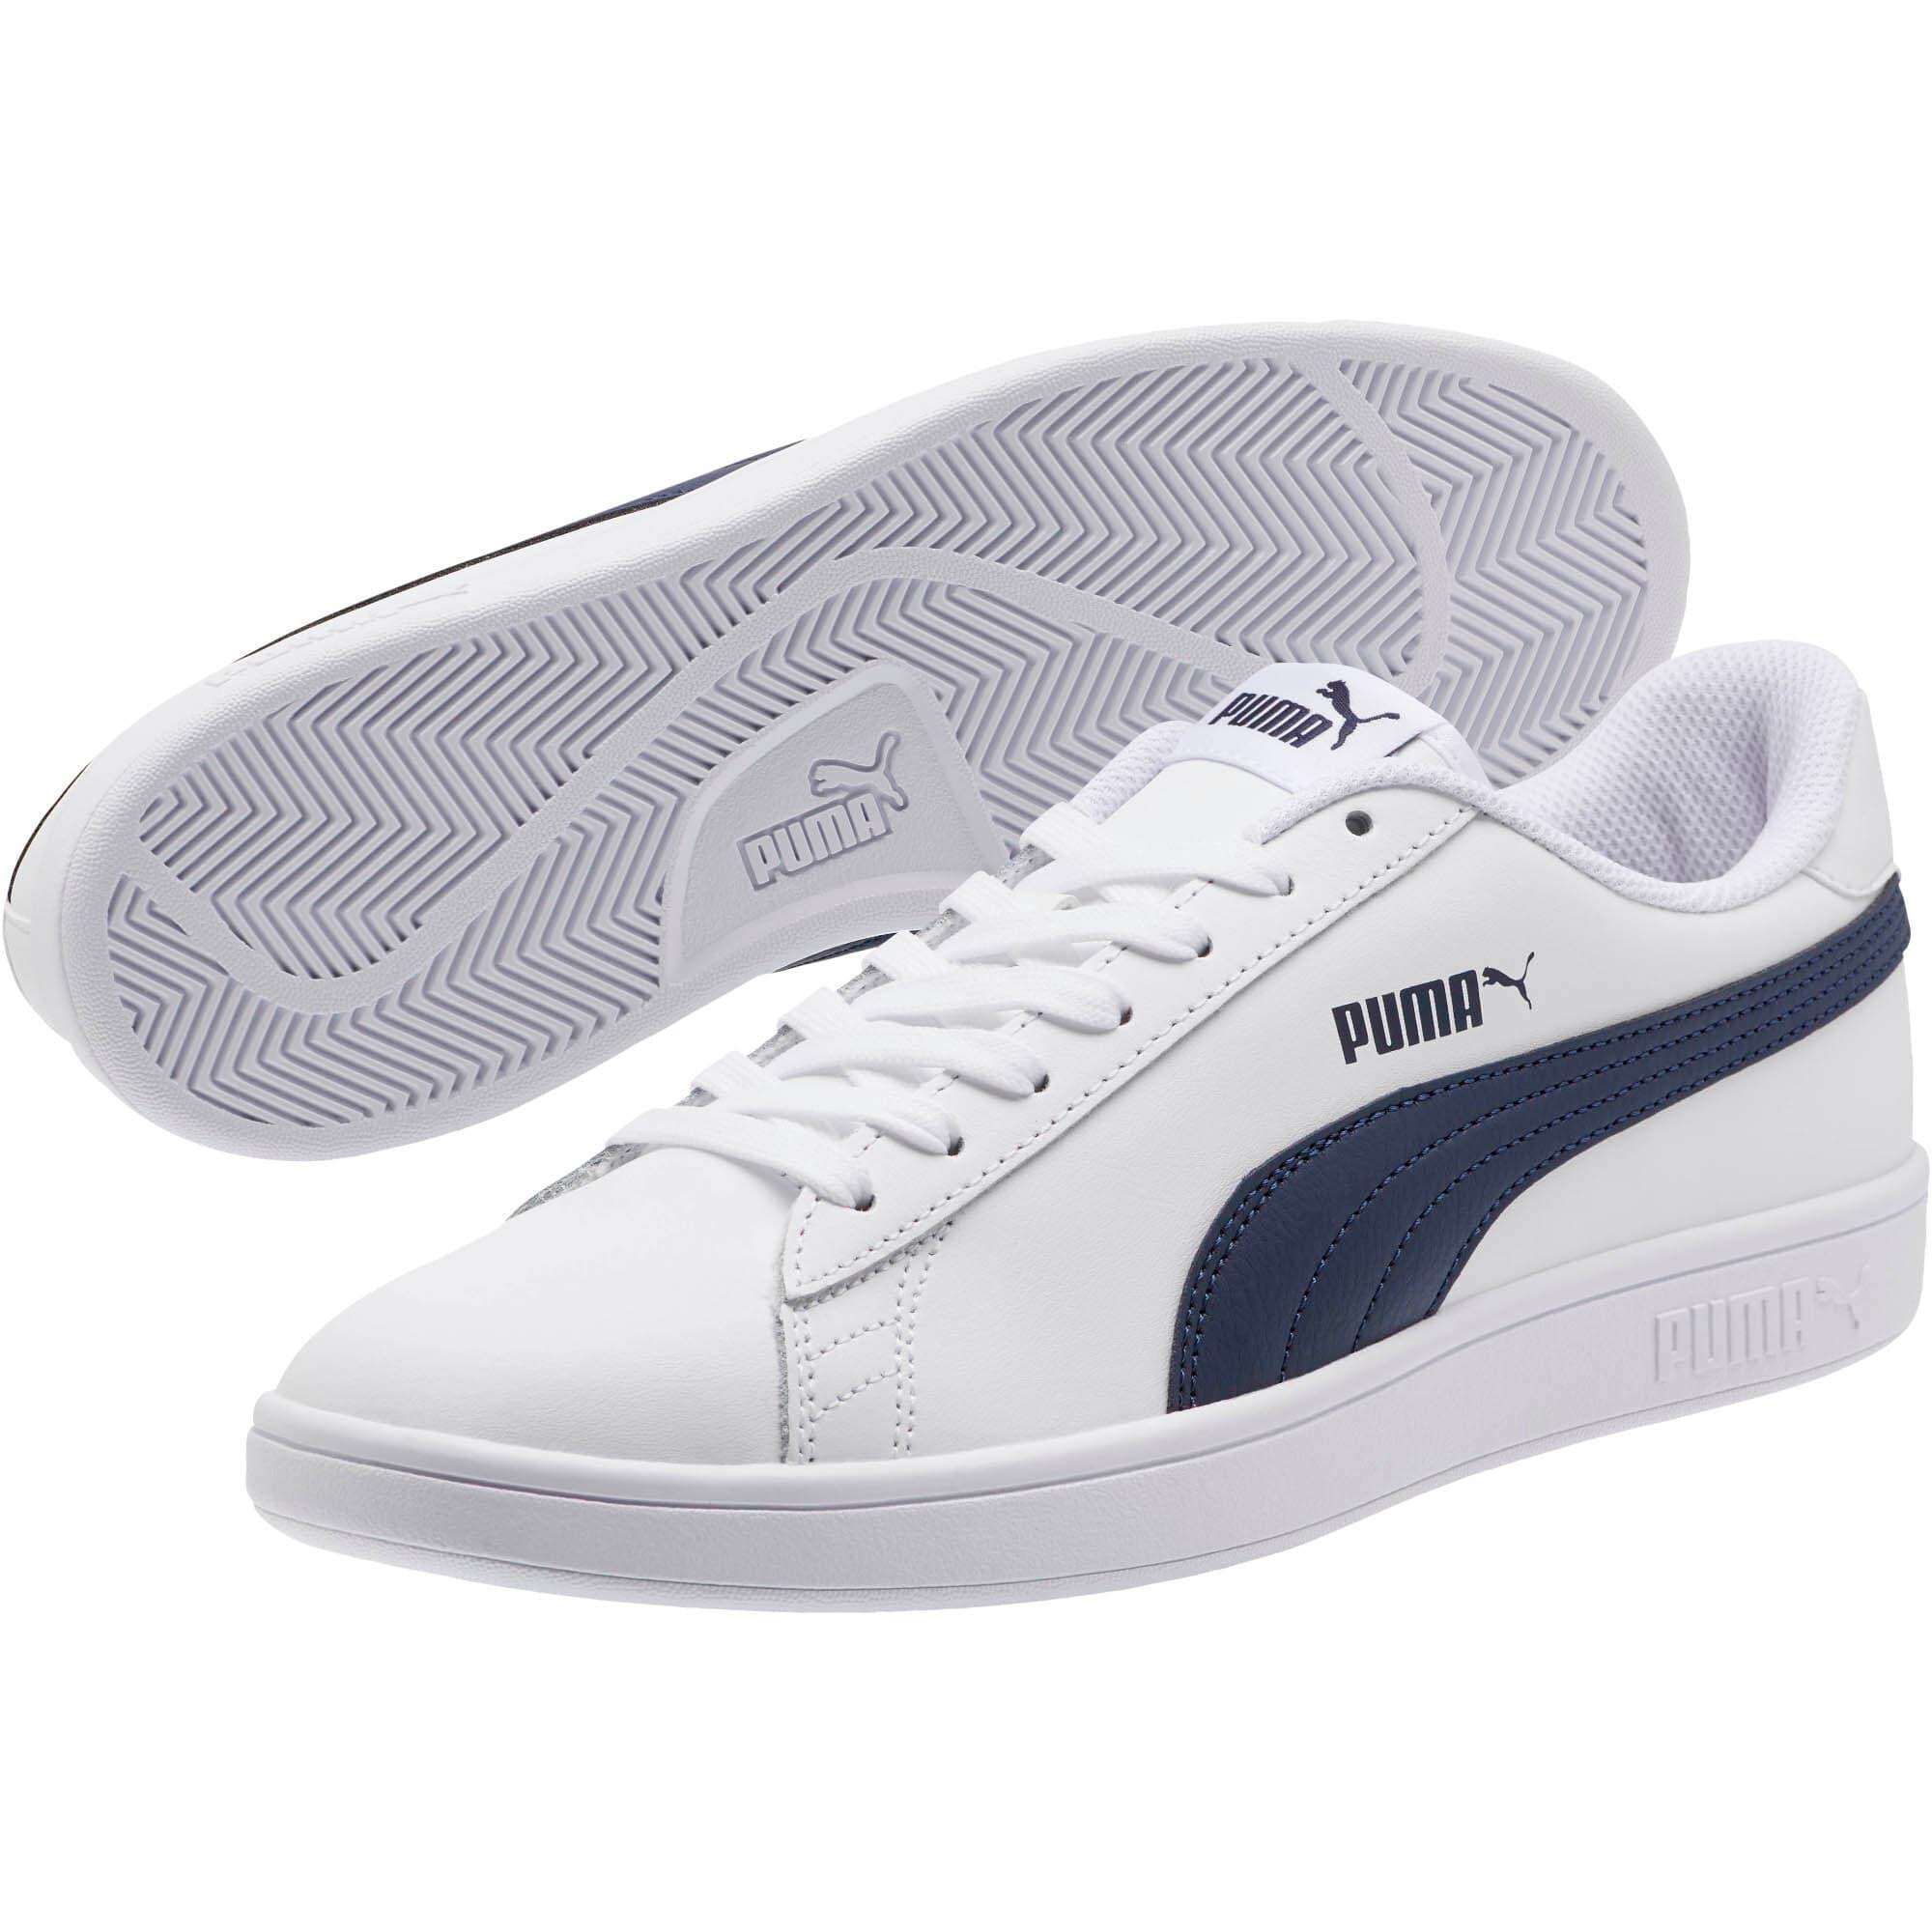 Miniatura 2 de Zapatos deportivosPUMA Smash v2, Puma White-Peacoat, mediano